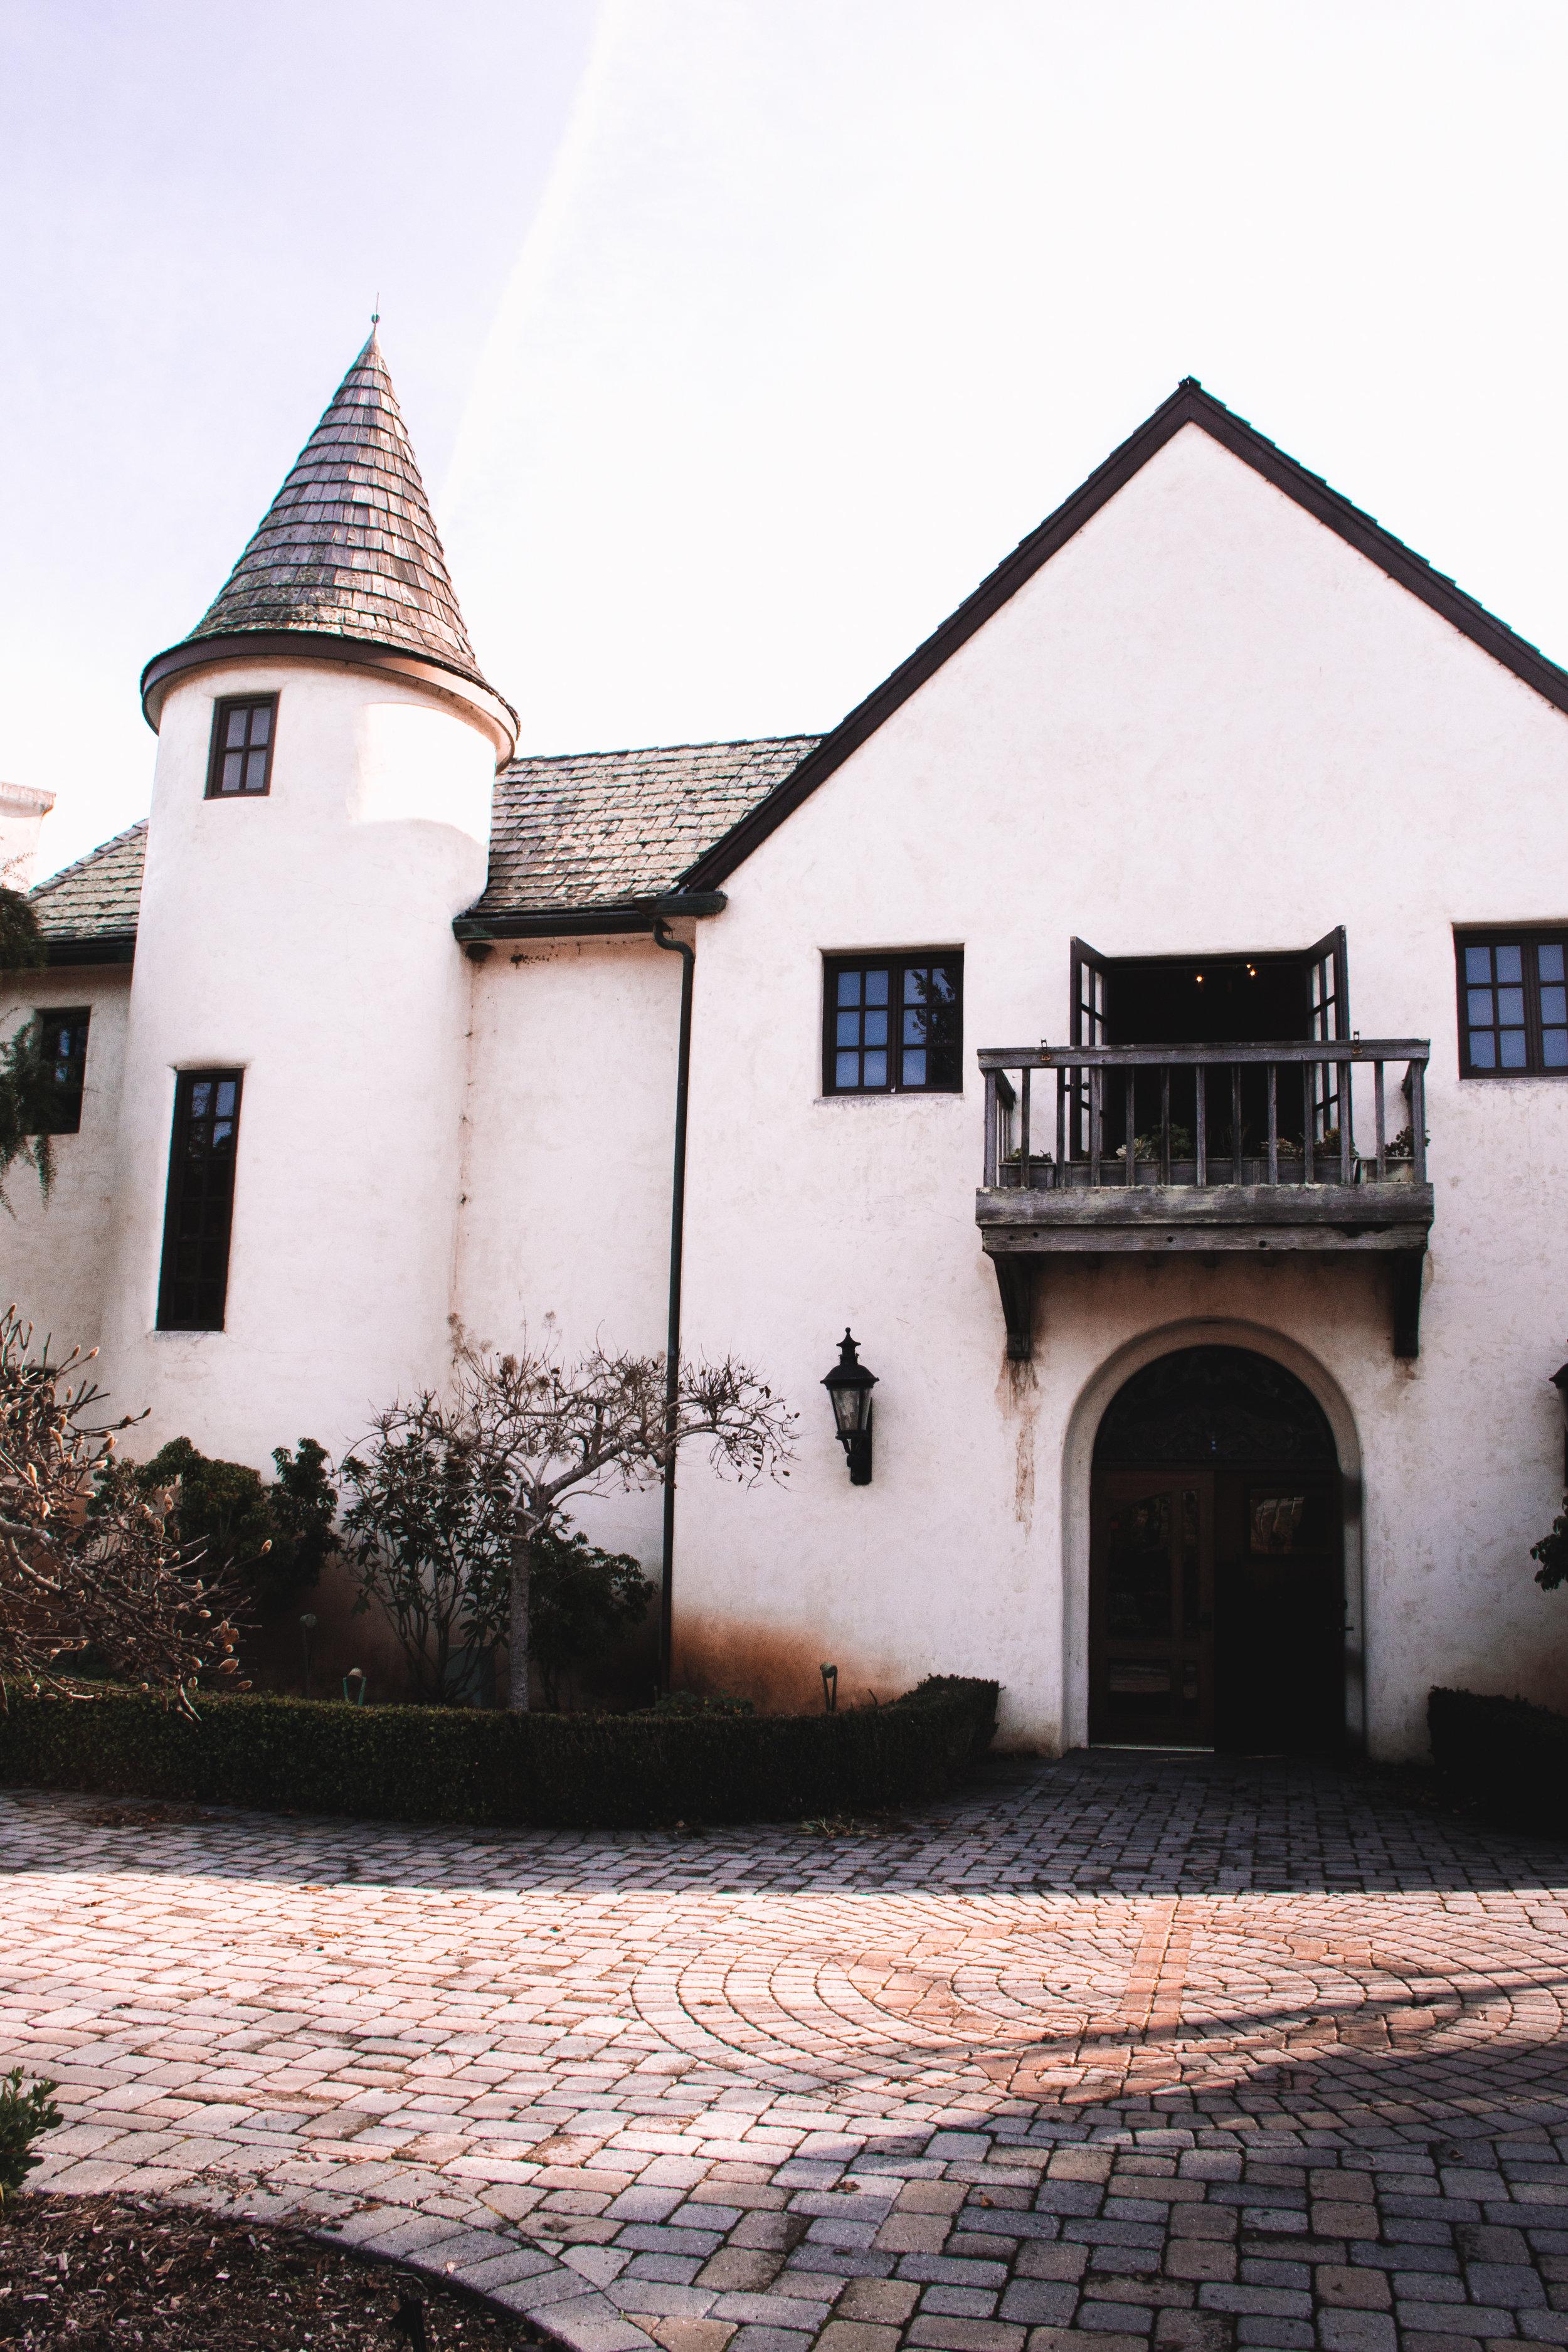 Folktale Winery in Carmel Valley, CA